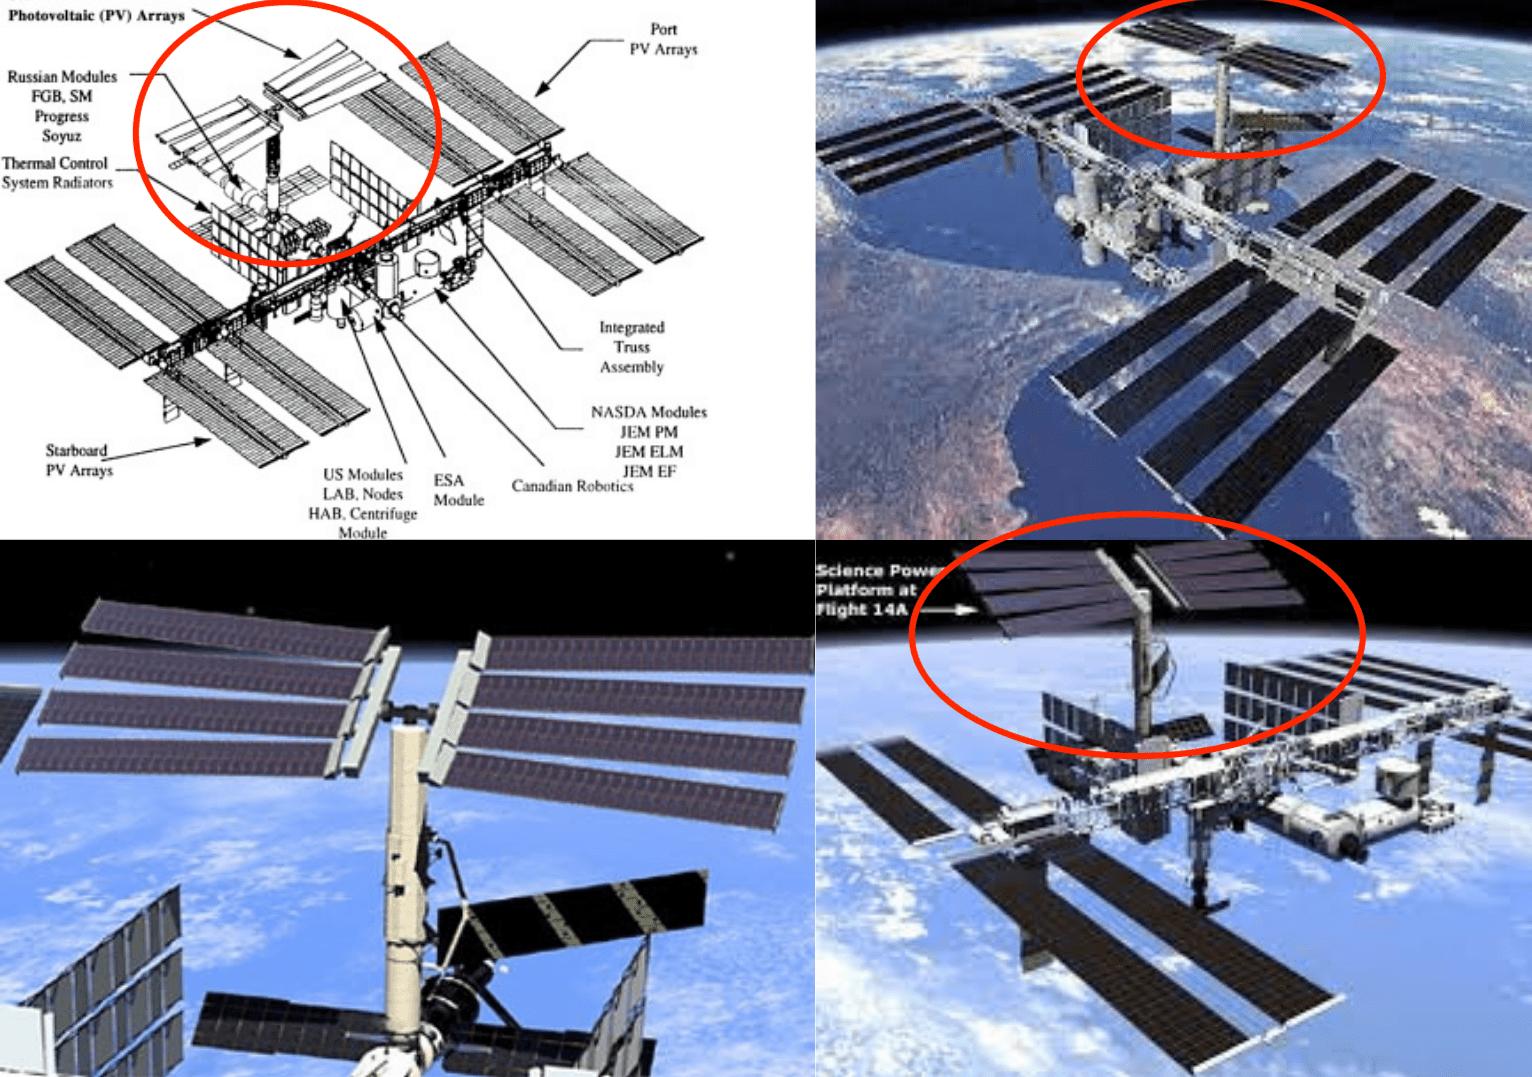 Alcuni render del modulo SPP (Science Power Platform) attraccato alla ISS. Originariamente era progettato per la Mir-2, poi sarebbe dovuto volare a bordo dello Shuttle verso la ISS e dotato del braccio robotico europeo ERA (che sarà invece montato sul modulo russo Nauka). Credits: NASA/Roscosmos.